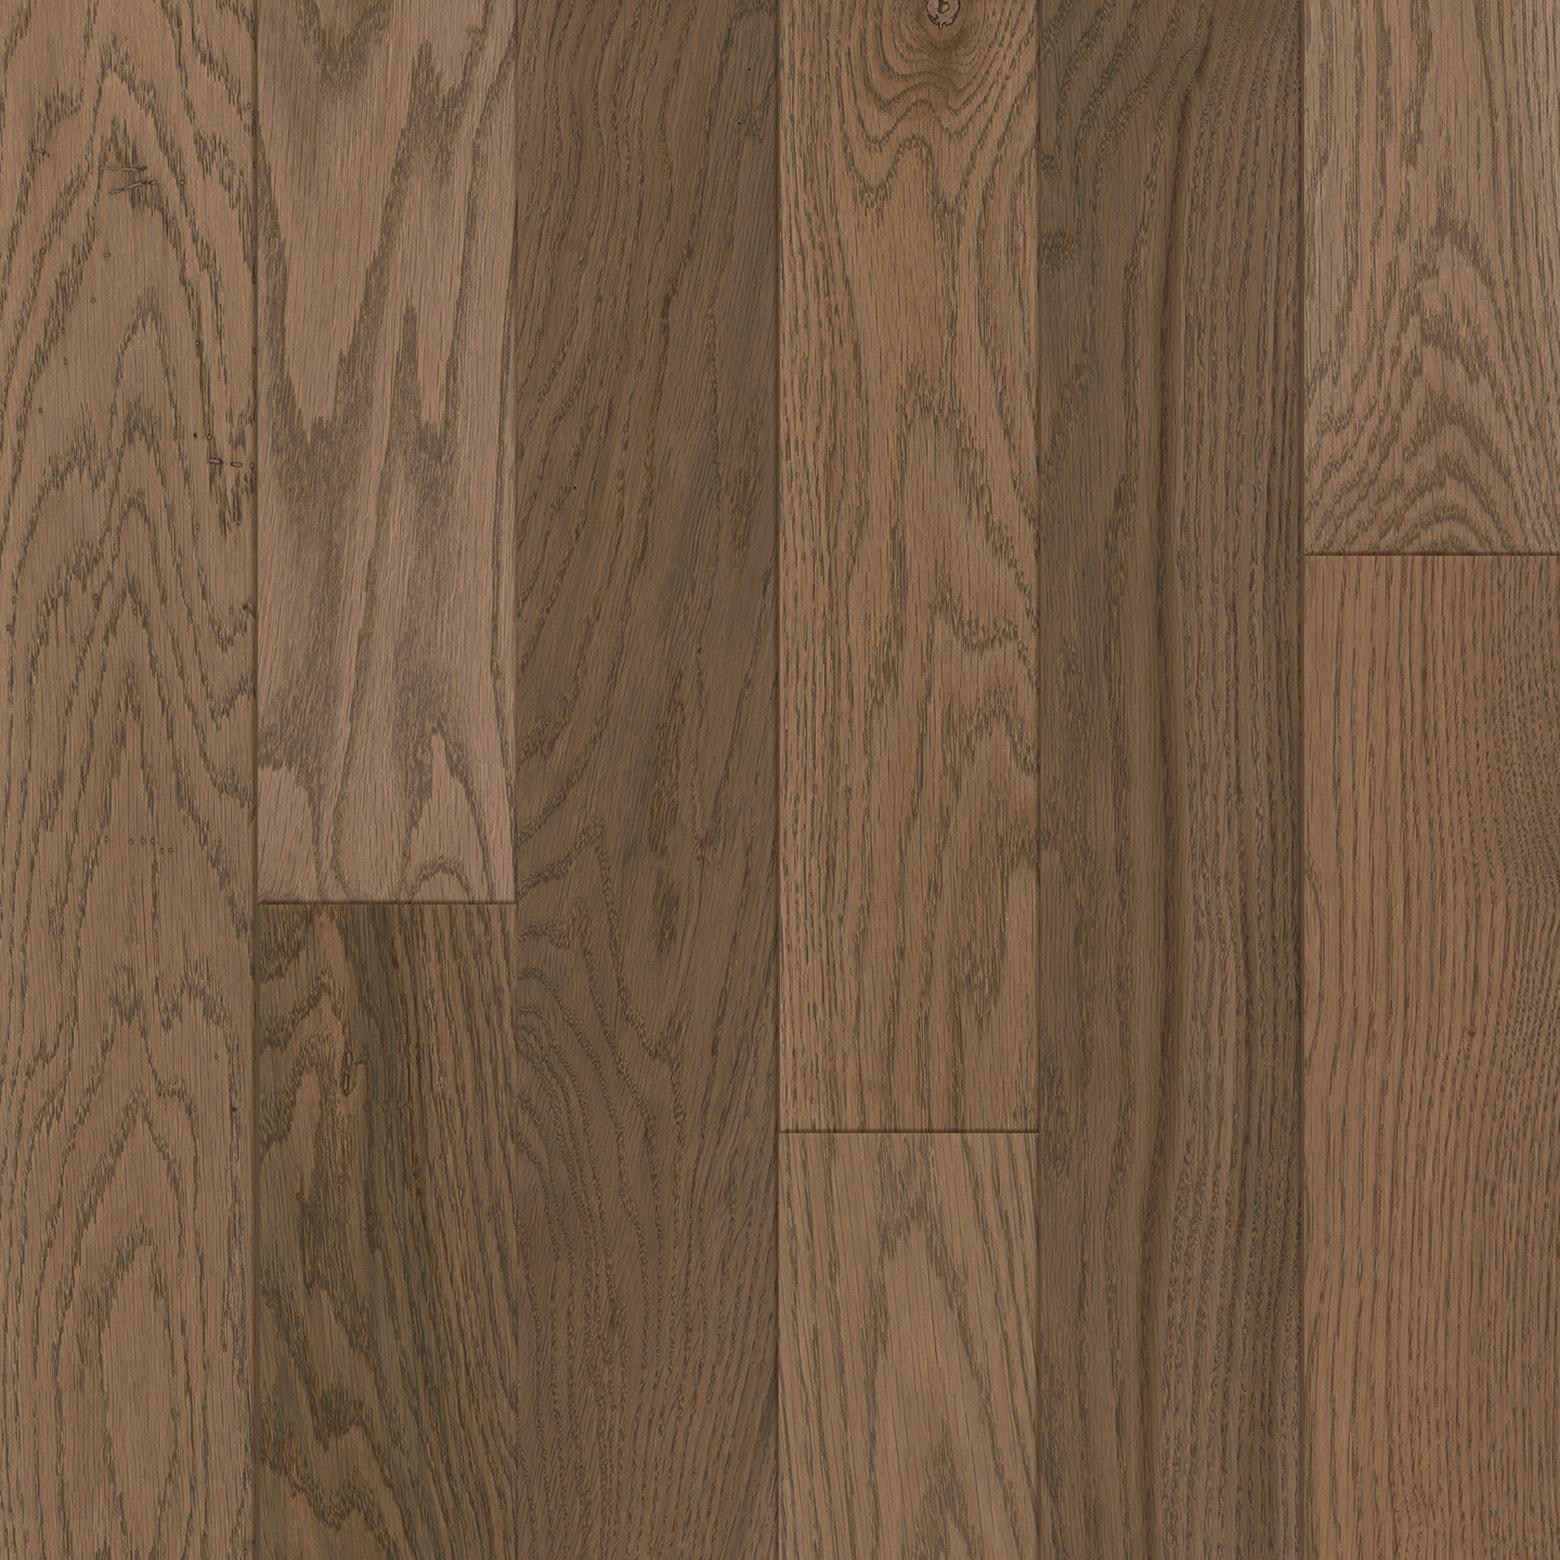 Equestrian woods hardwood floor